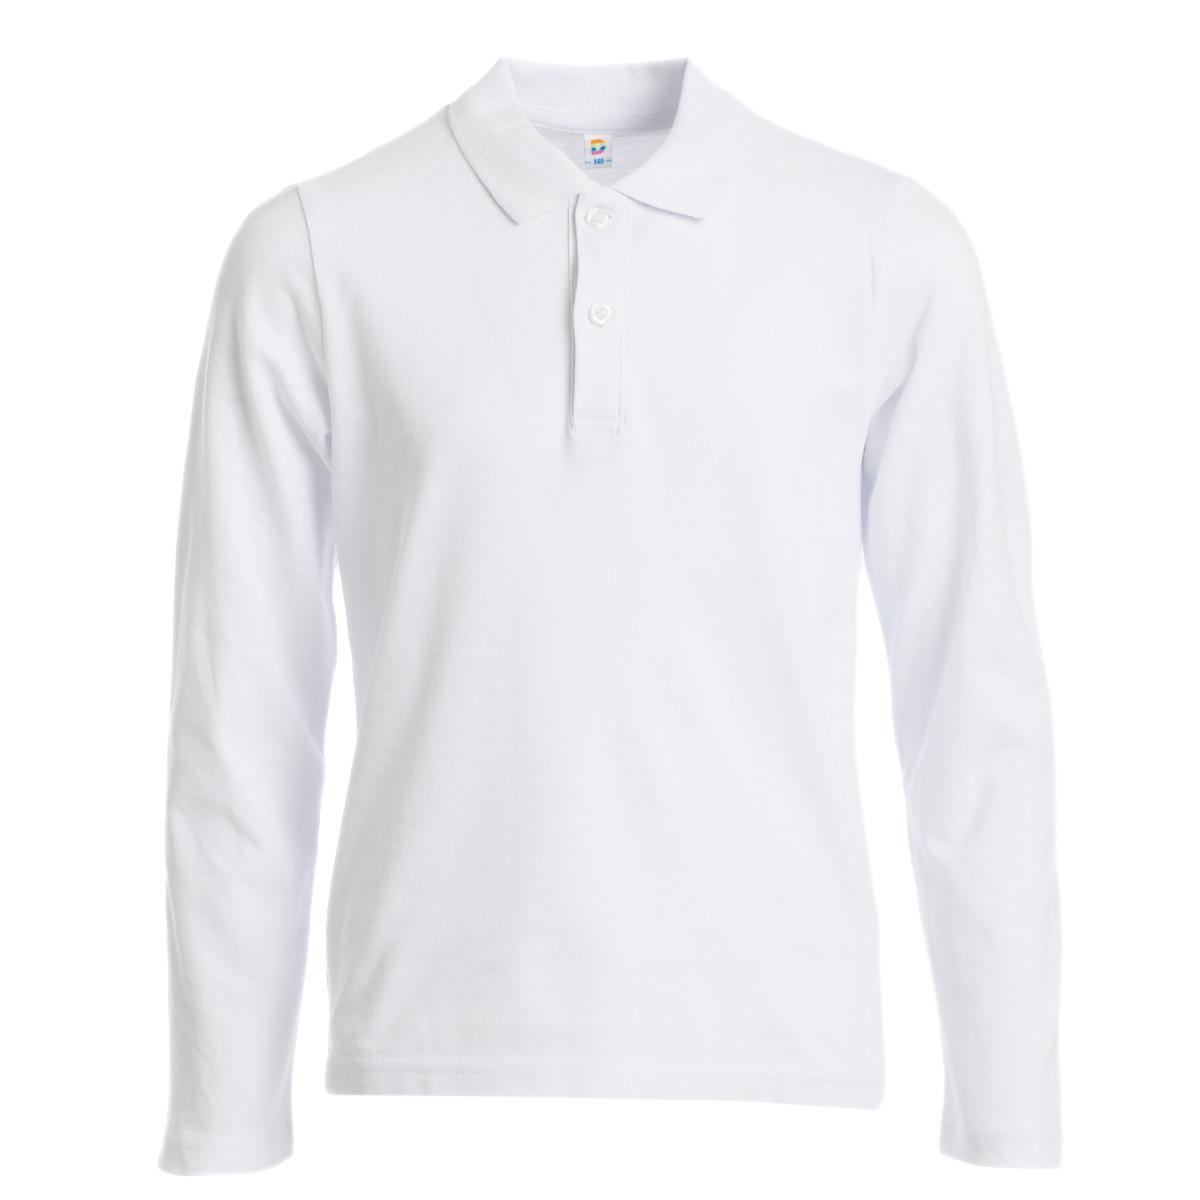 Рубашка поло DRESSPARK, MP-B040301